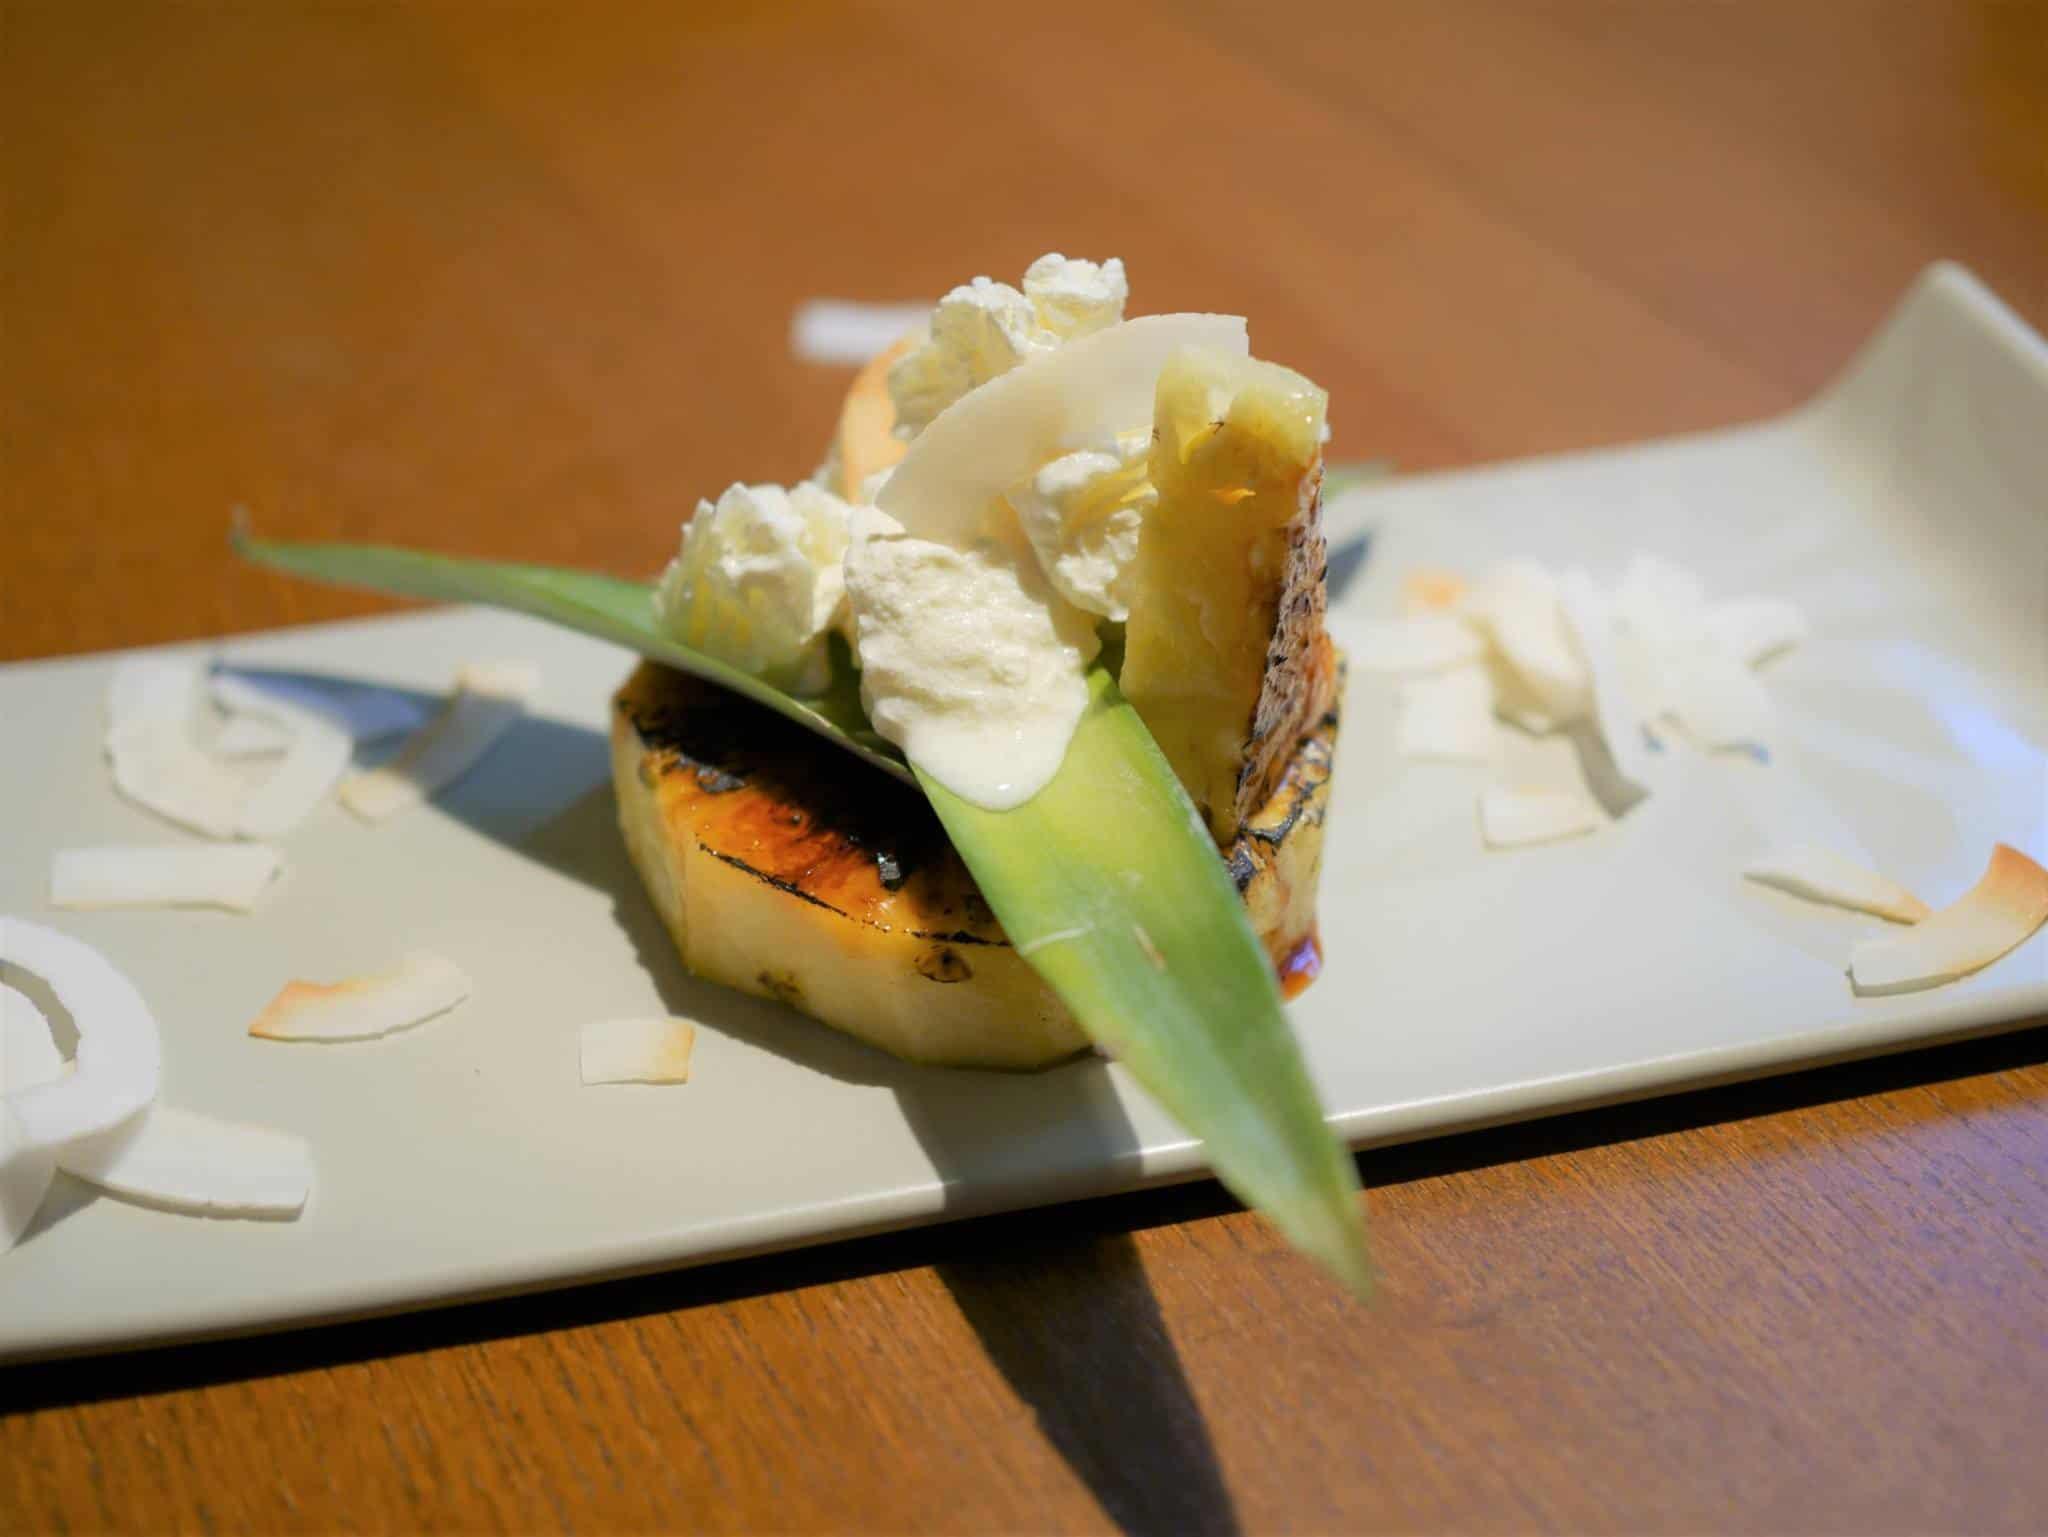 Flambierte Ananas mit Kokoschips. Selber kochen ist gesund und lecker.